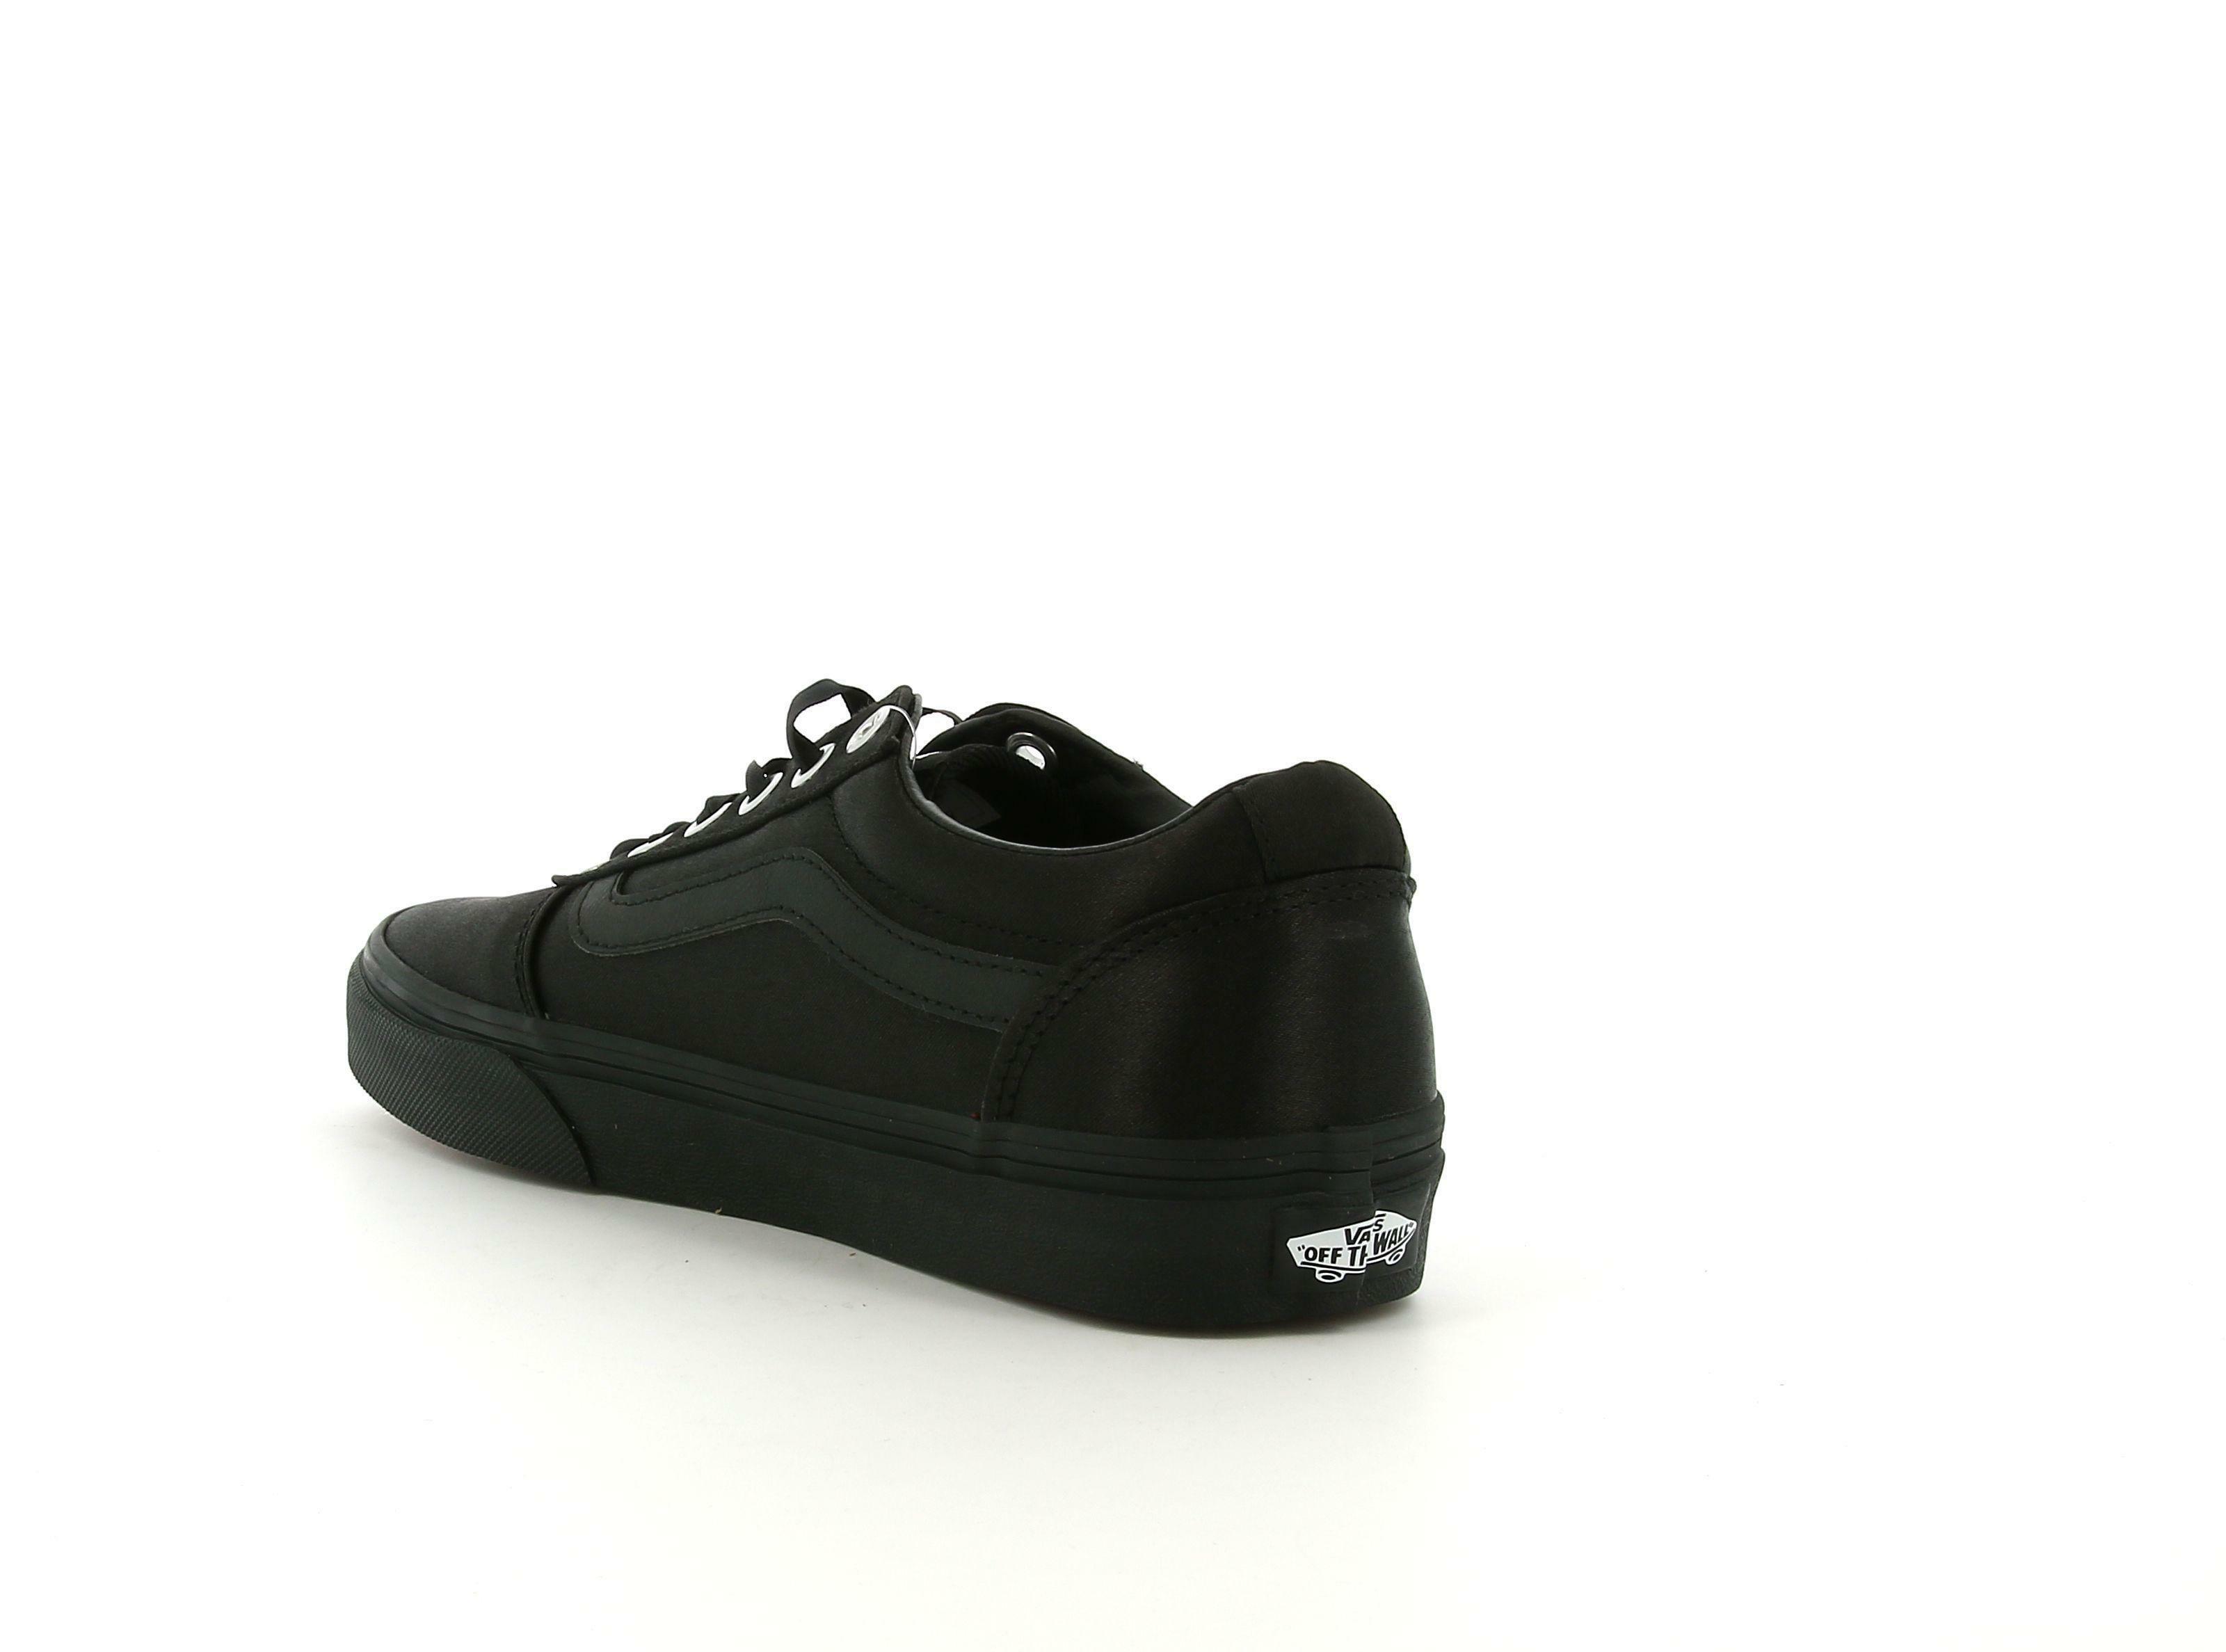 vans vans ward canvas scarpe da ginnastica donna vn0a3iun3es1